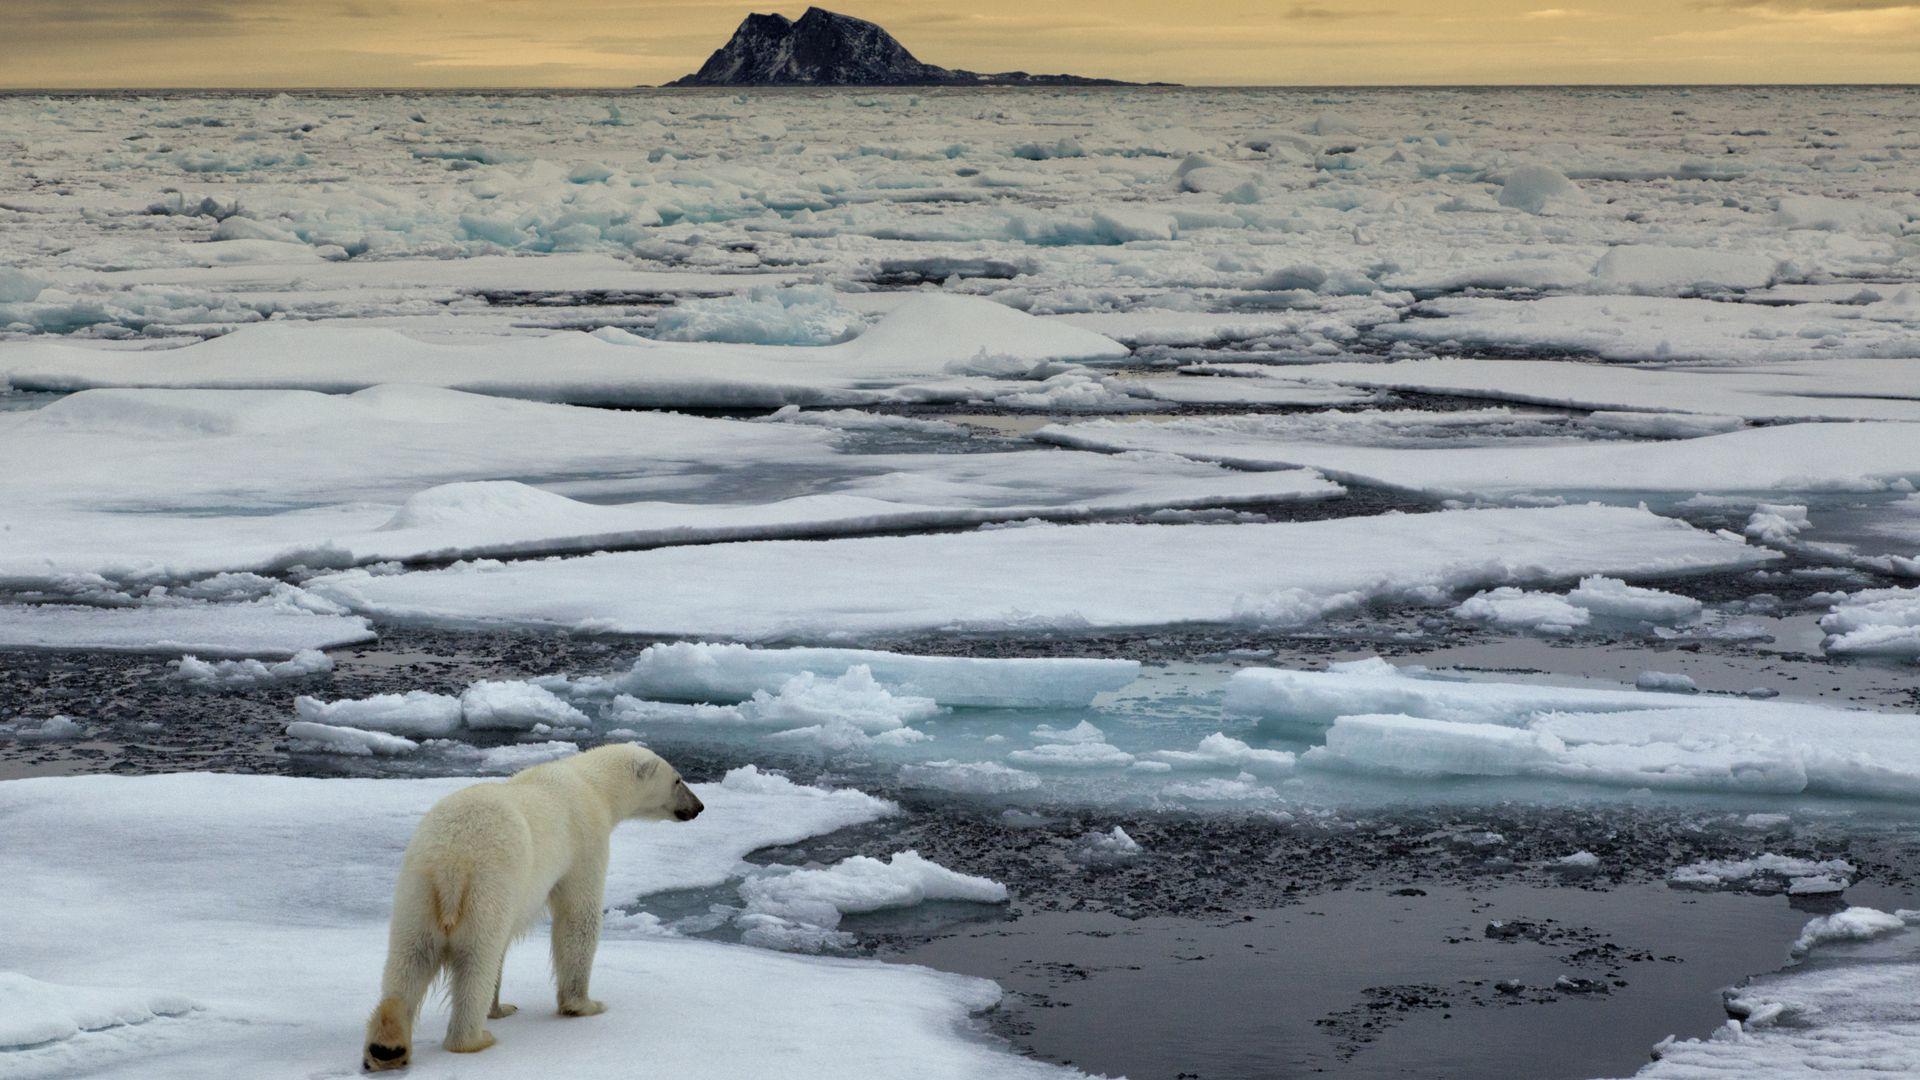 El derretimiento de los glaciares podría aumentar siete metros y sumergir islas y regiones costeras por todas partes del planeta